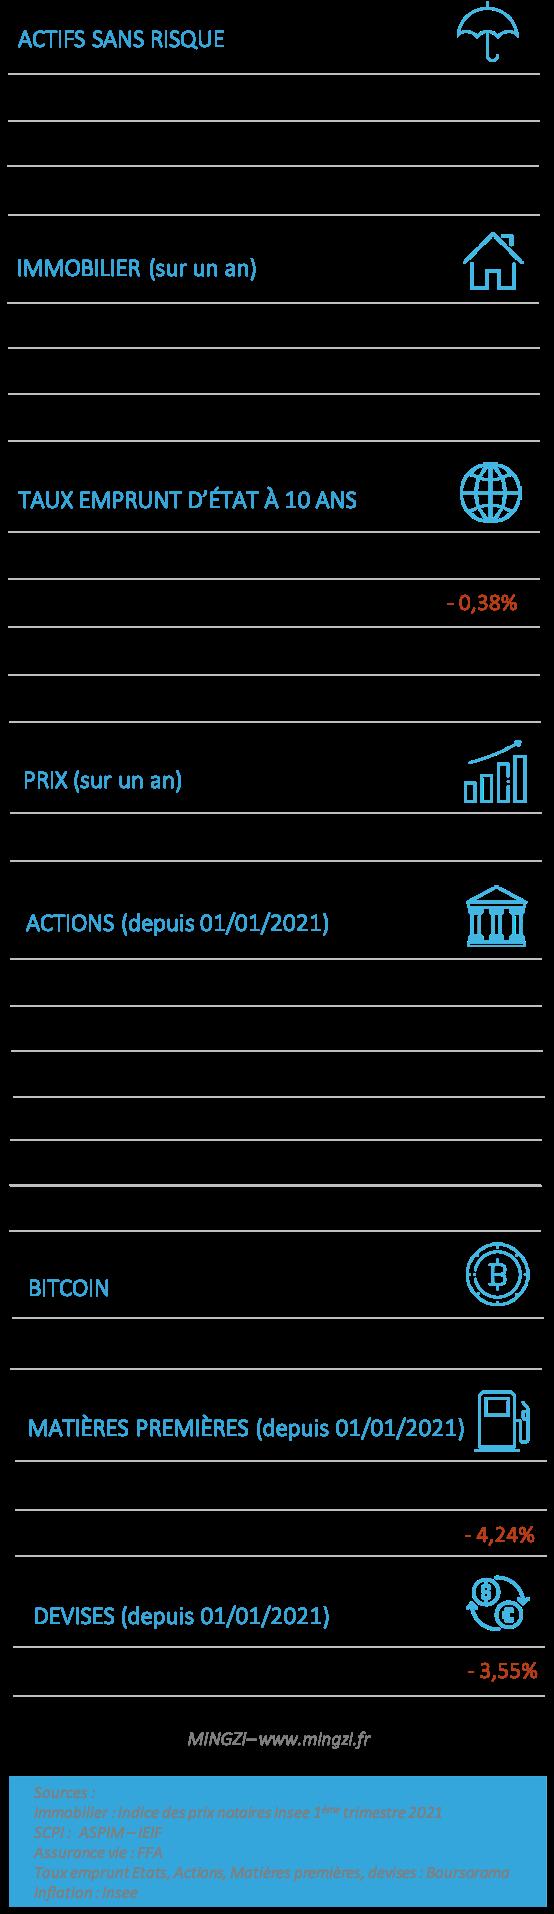 Performances placements 2021 07 17